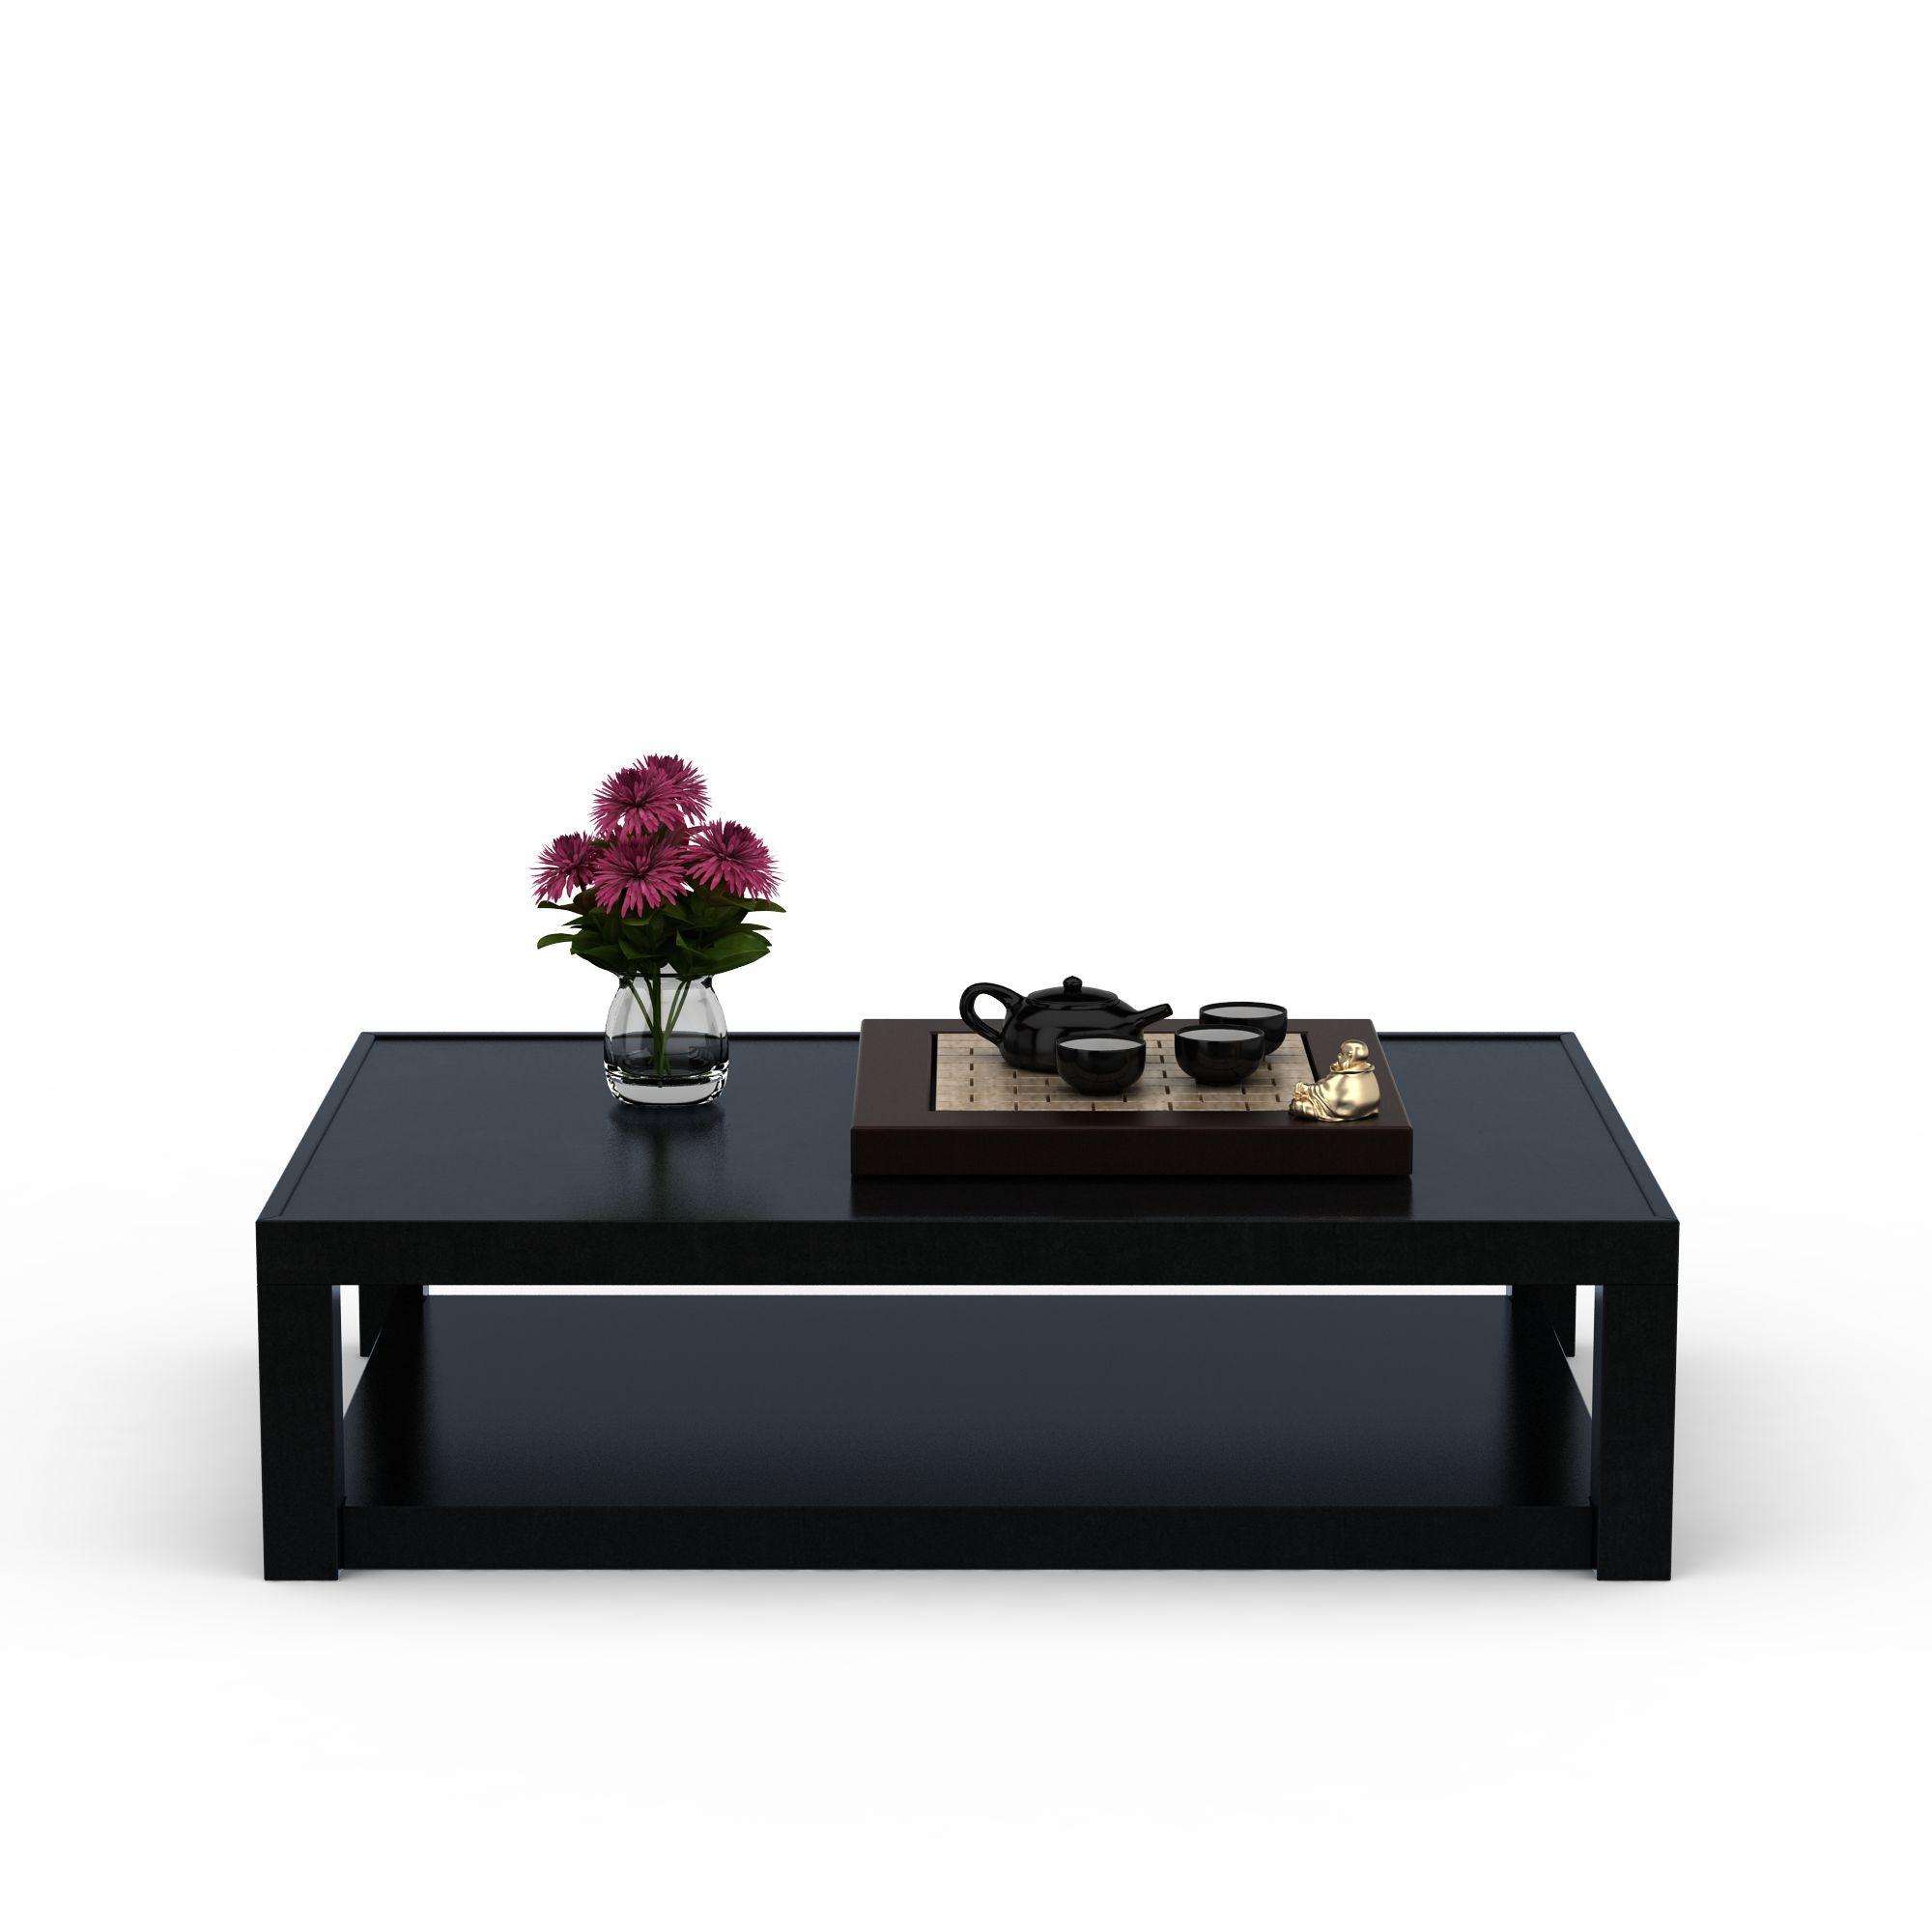 家具组合 沙发茶几组合 现代中式茶几3d模型 现代中式茶几png高清图